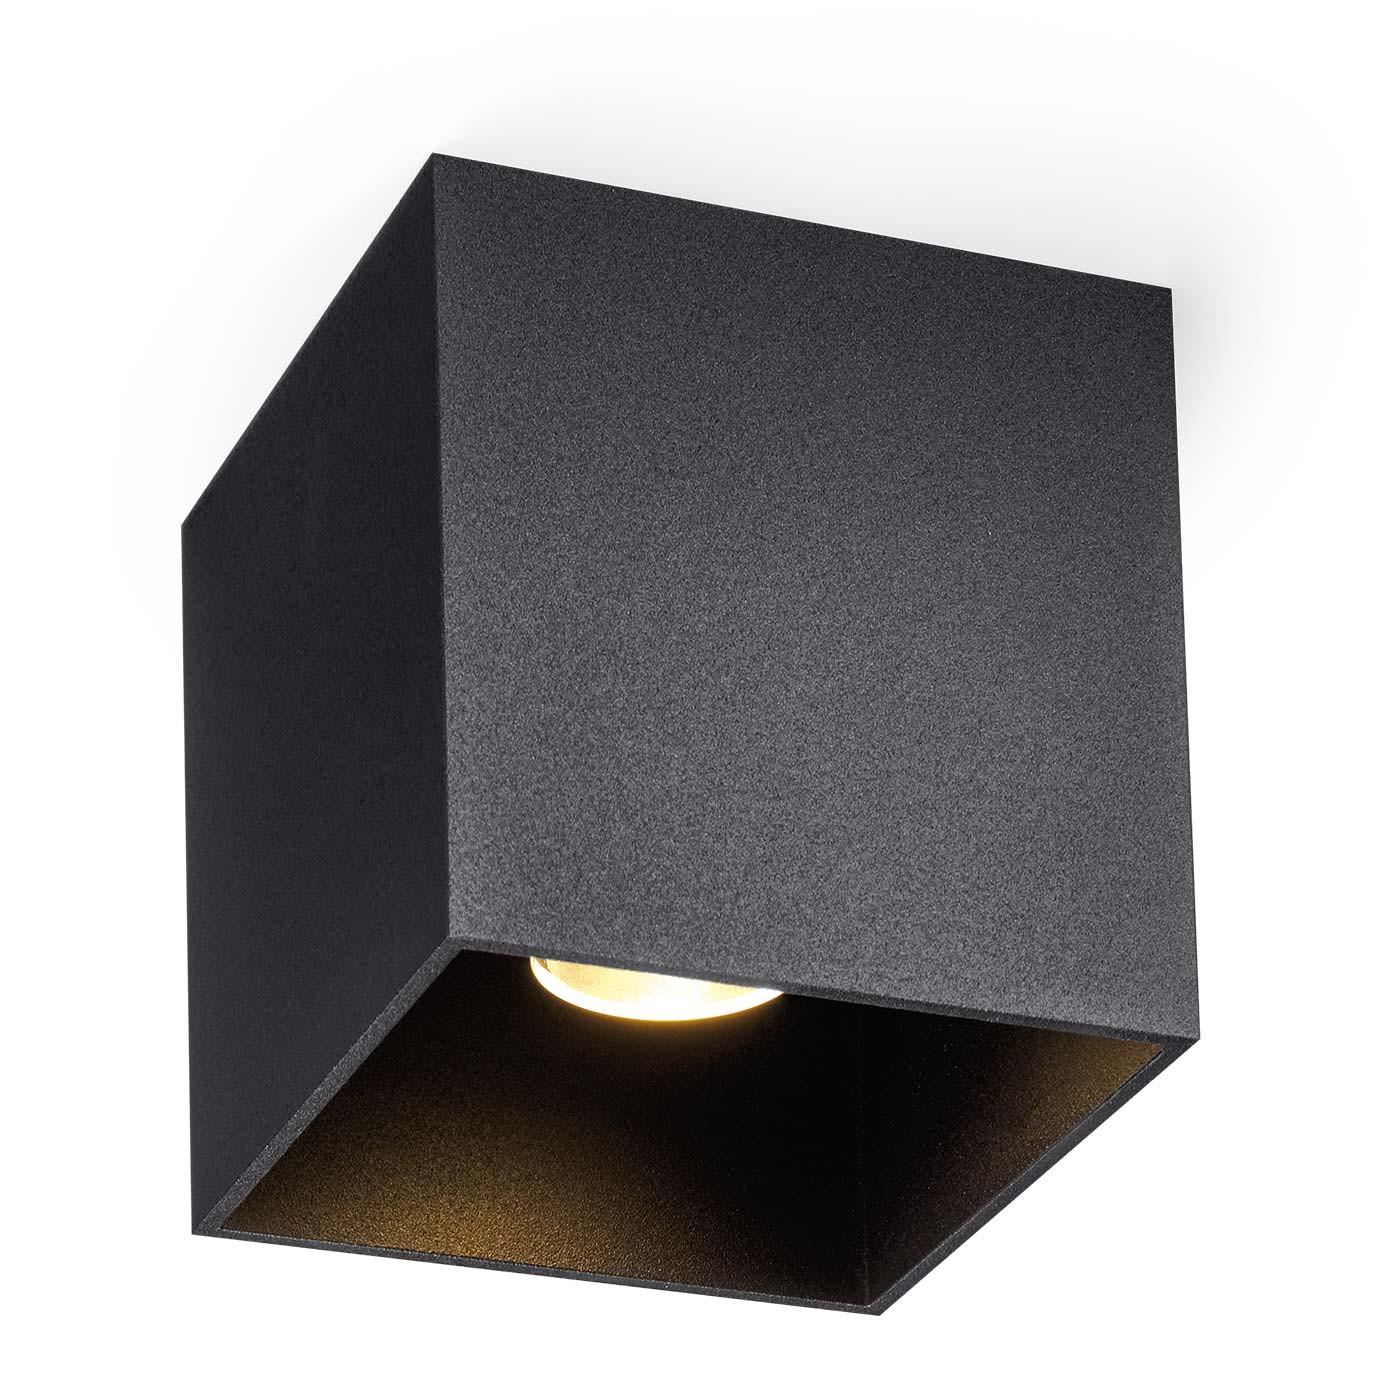 Wever & Ducré Box 1.0 2700K Ceiling Light